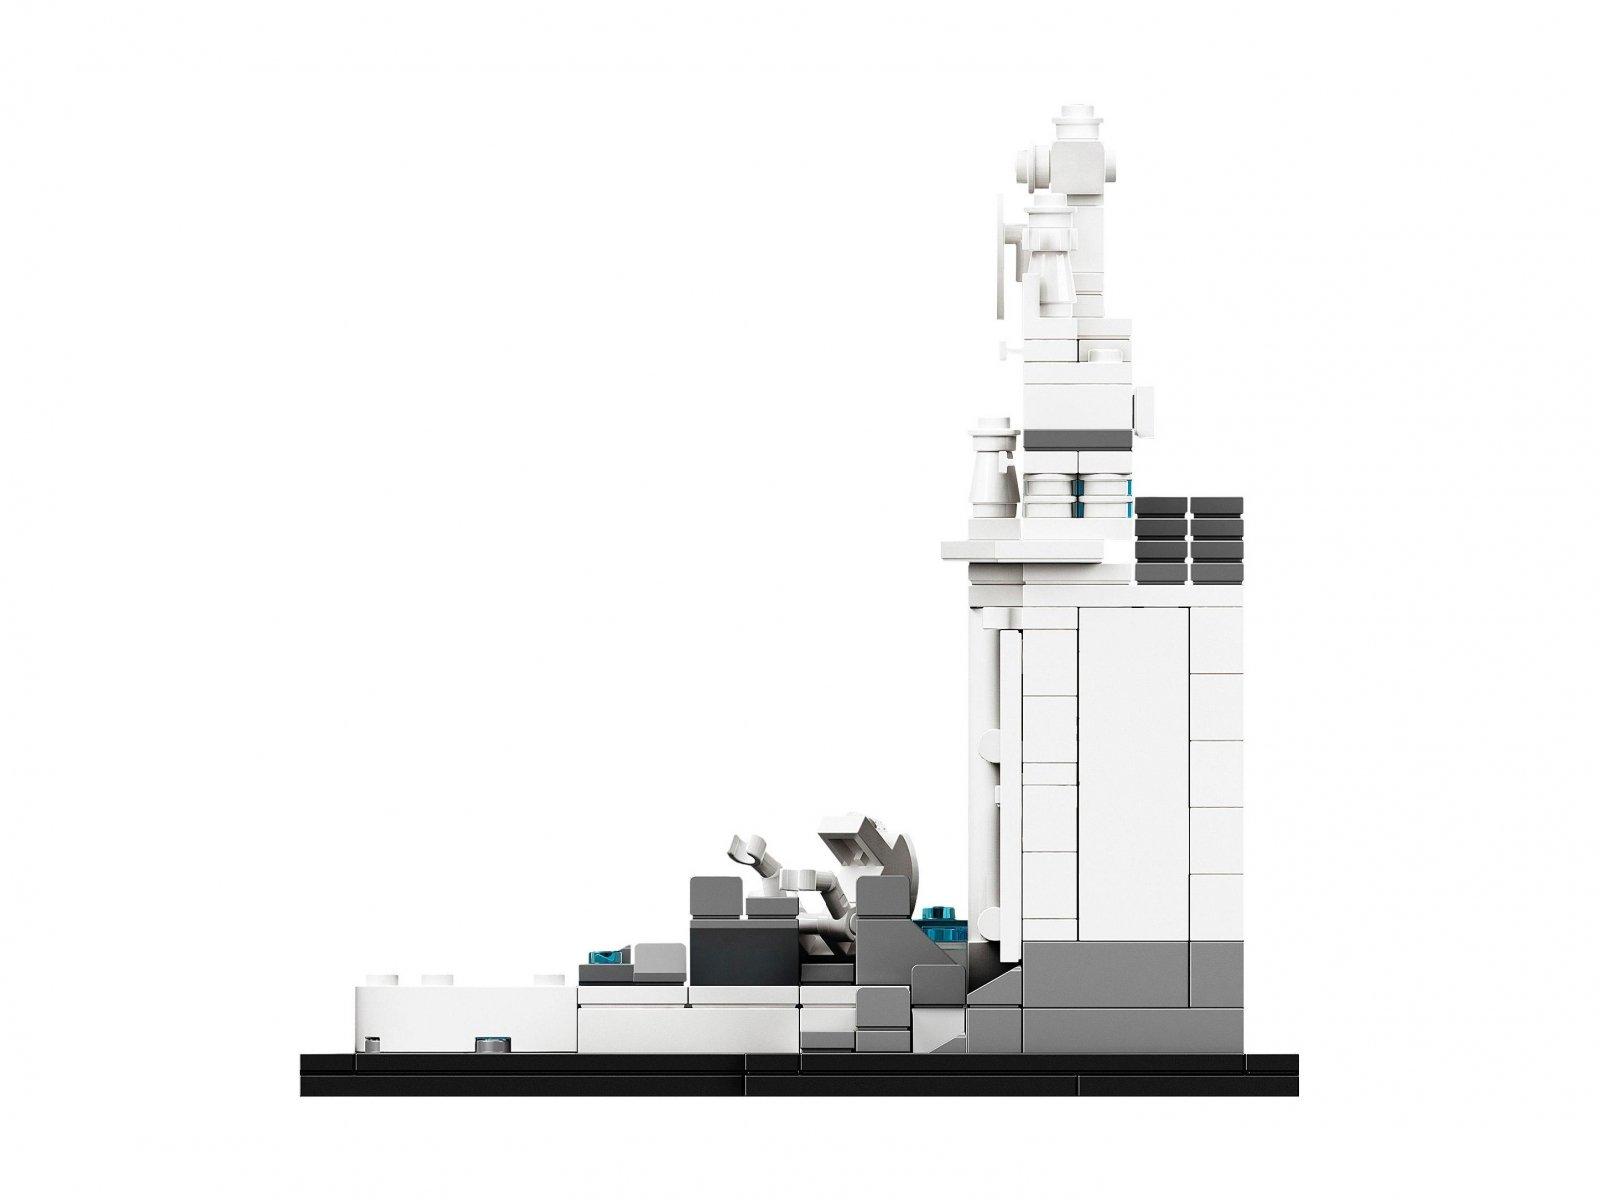 LEGO Architecture Fontanna di Trevi 21020